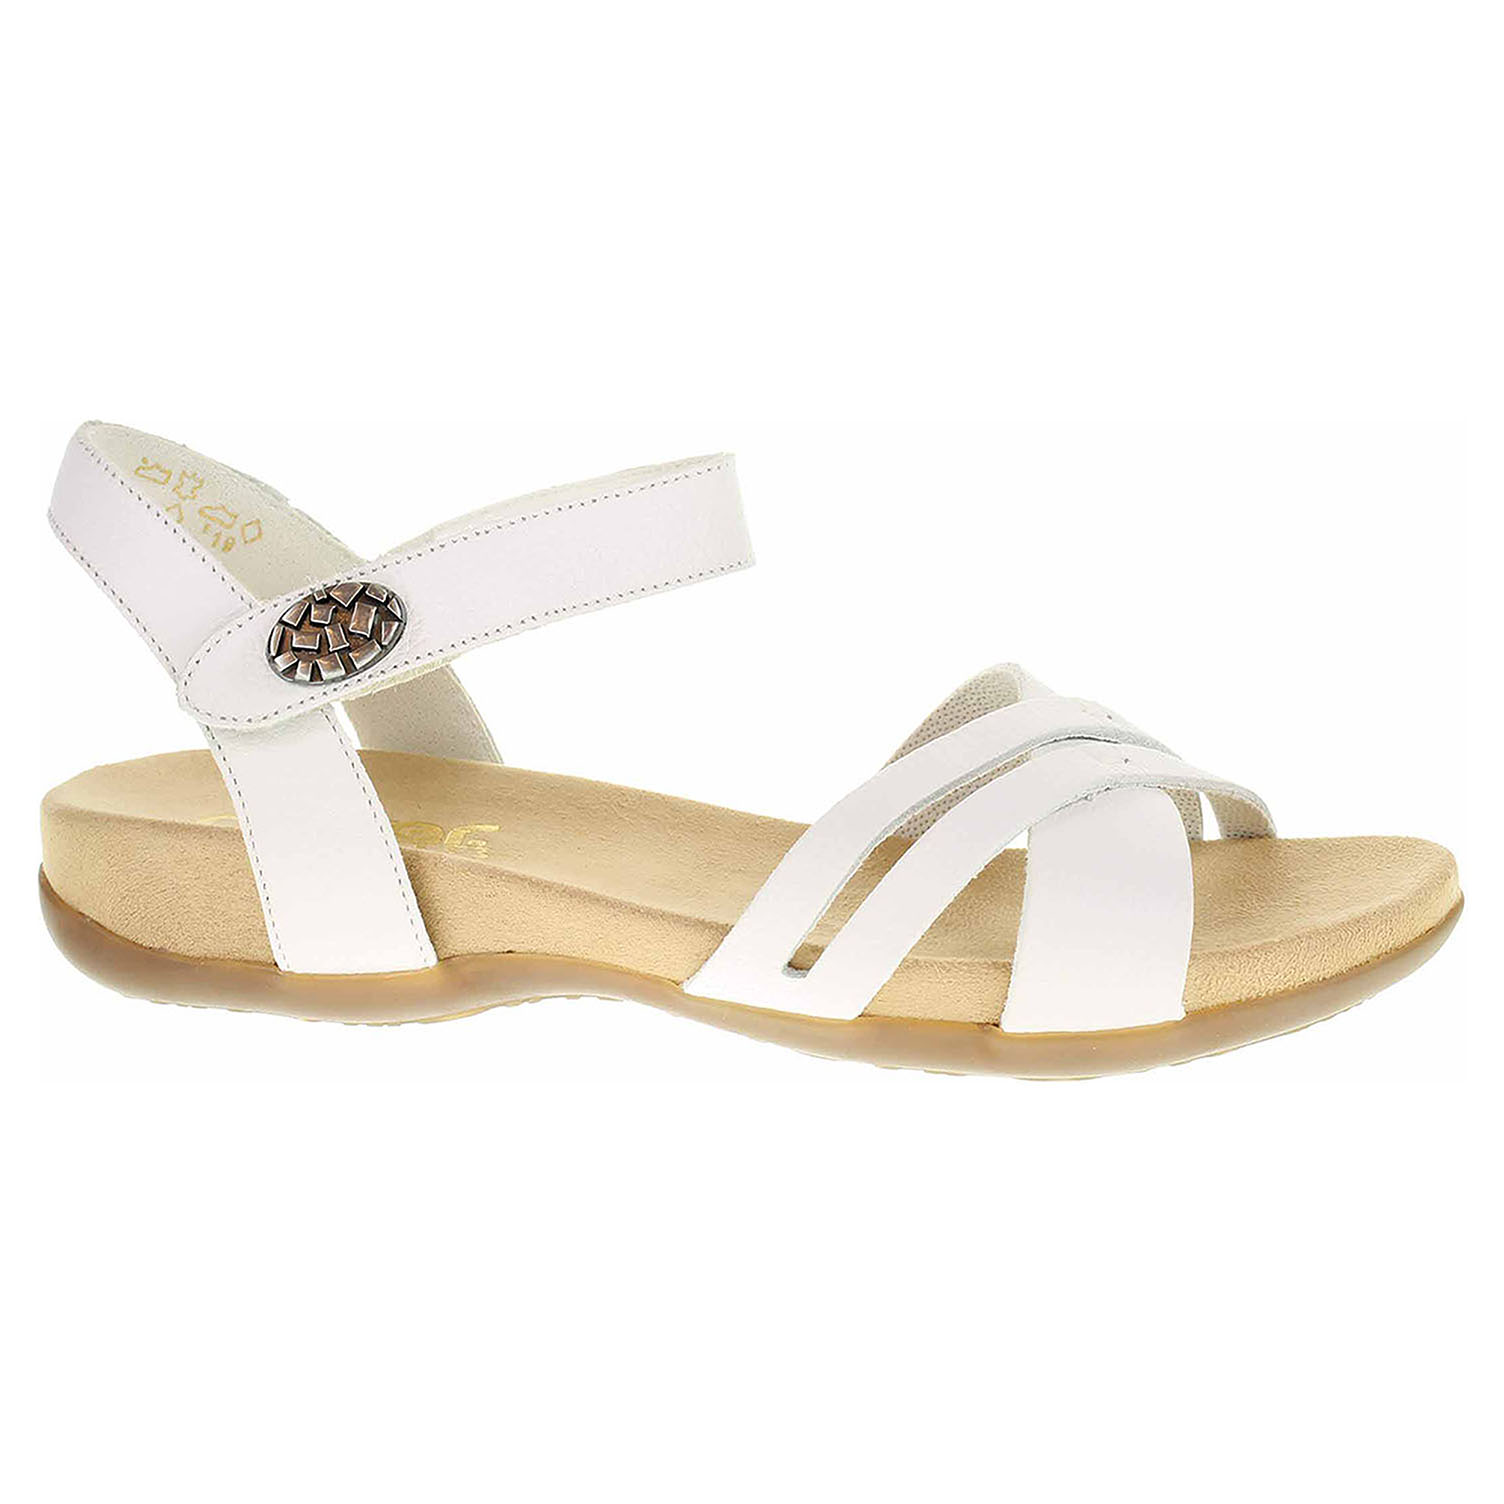 Dámské sandály Rieker 60553-80 weiss 60553-80 40